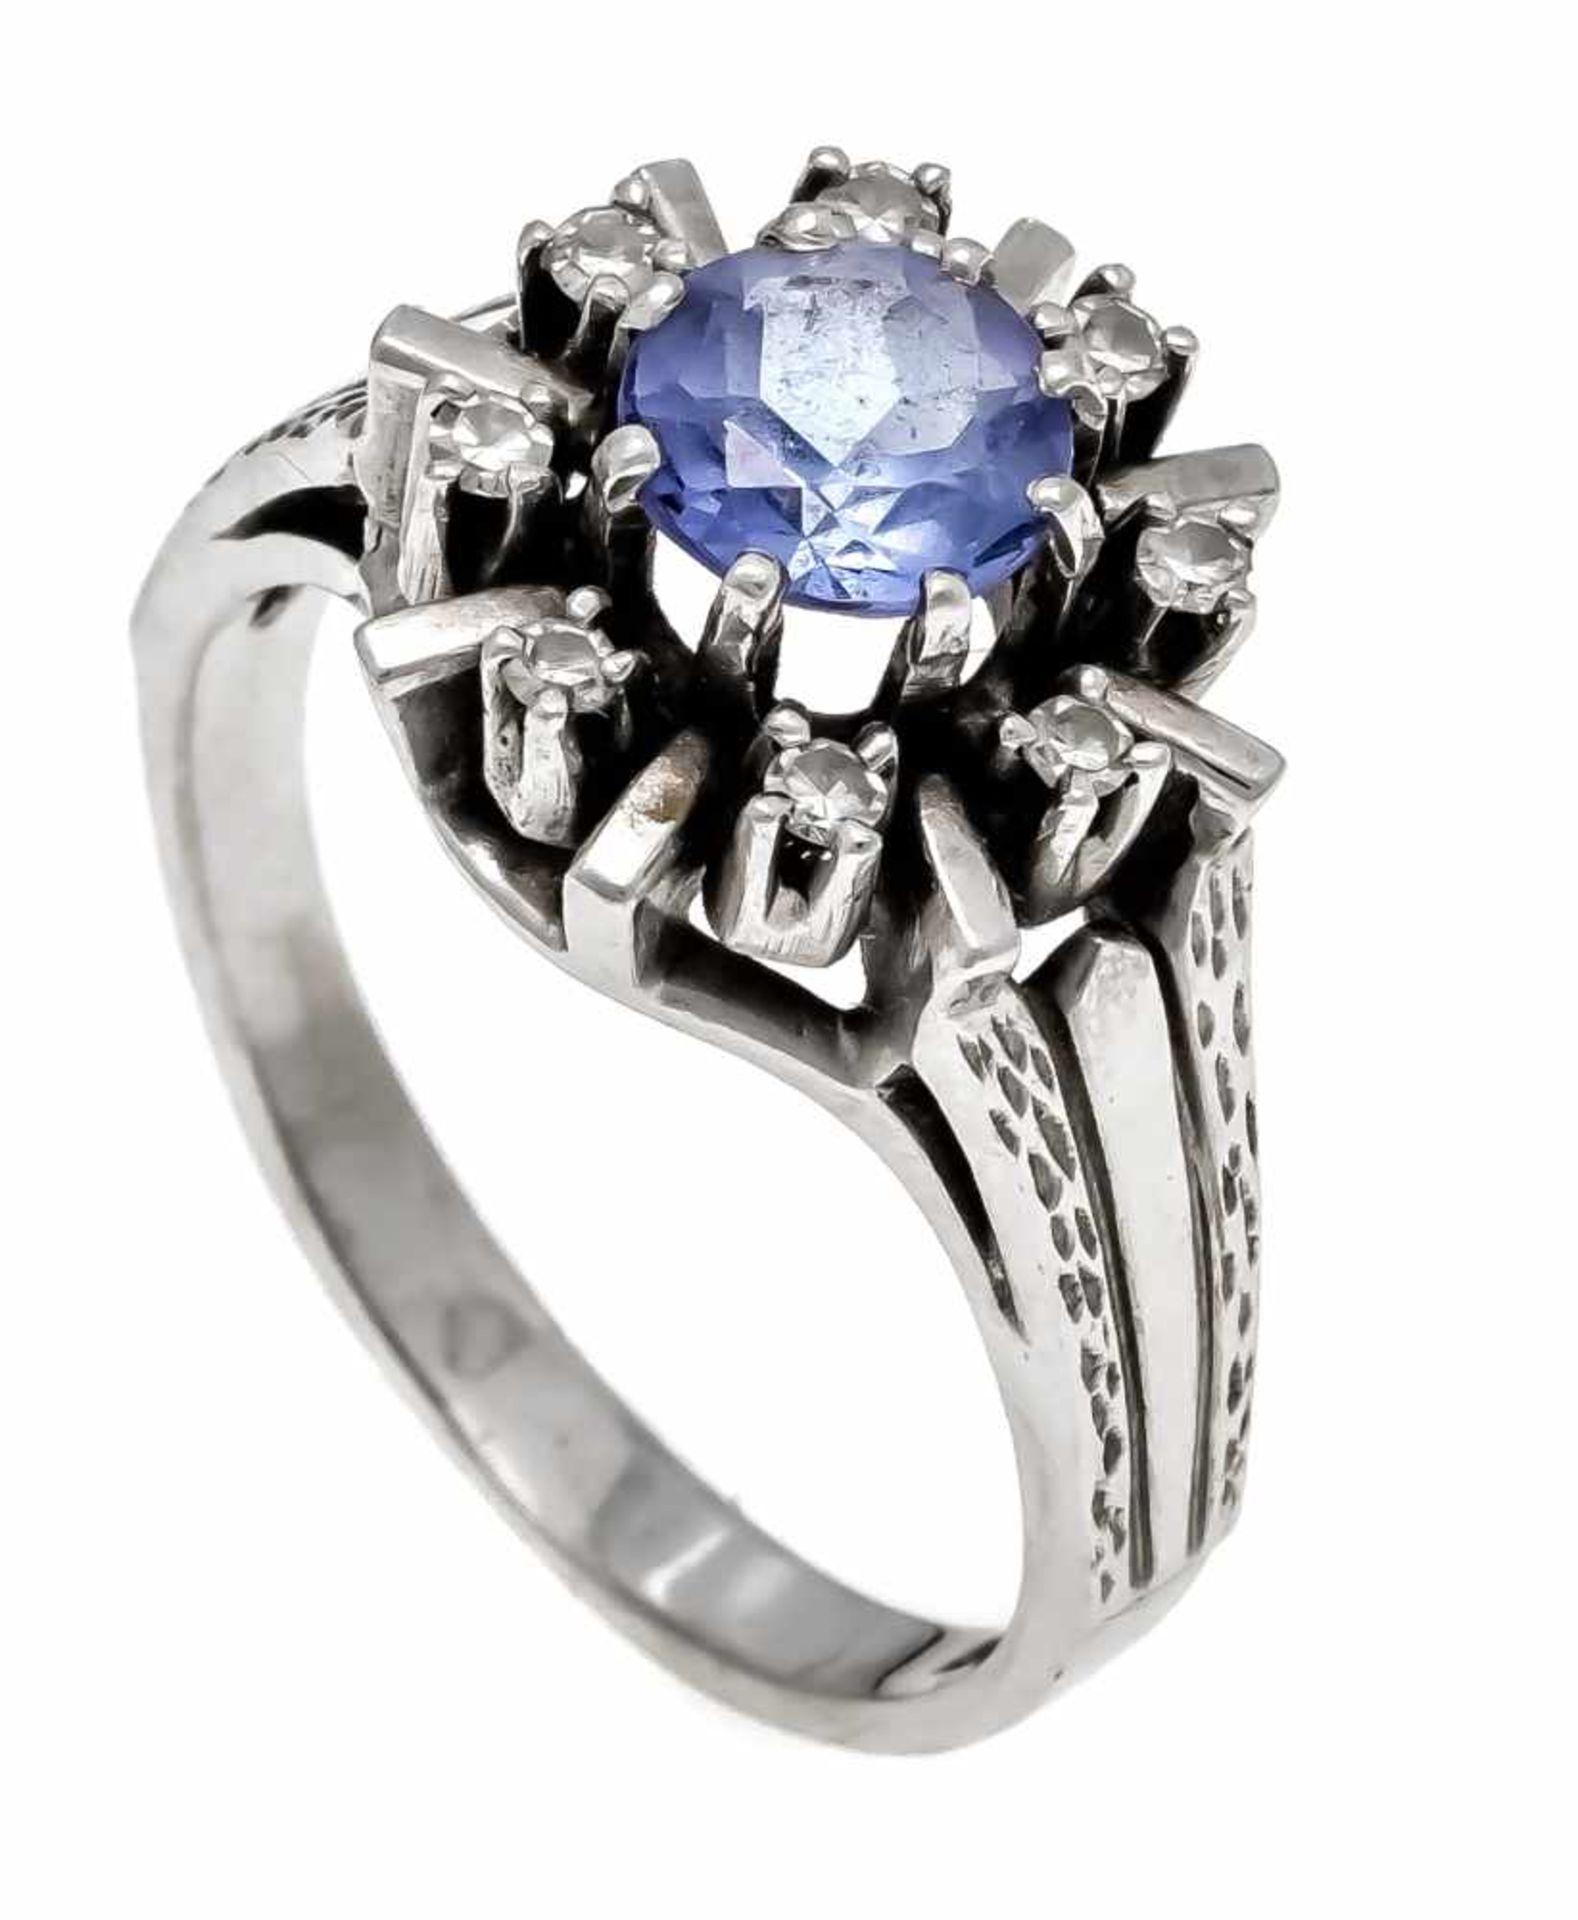 Saphir-Diamant-Ring WG 585/000 mit einem rund fac. Saphir 6,3 mm und 8 Diamanten, zus. 0,08 ct W/SI,